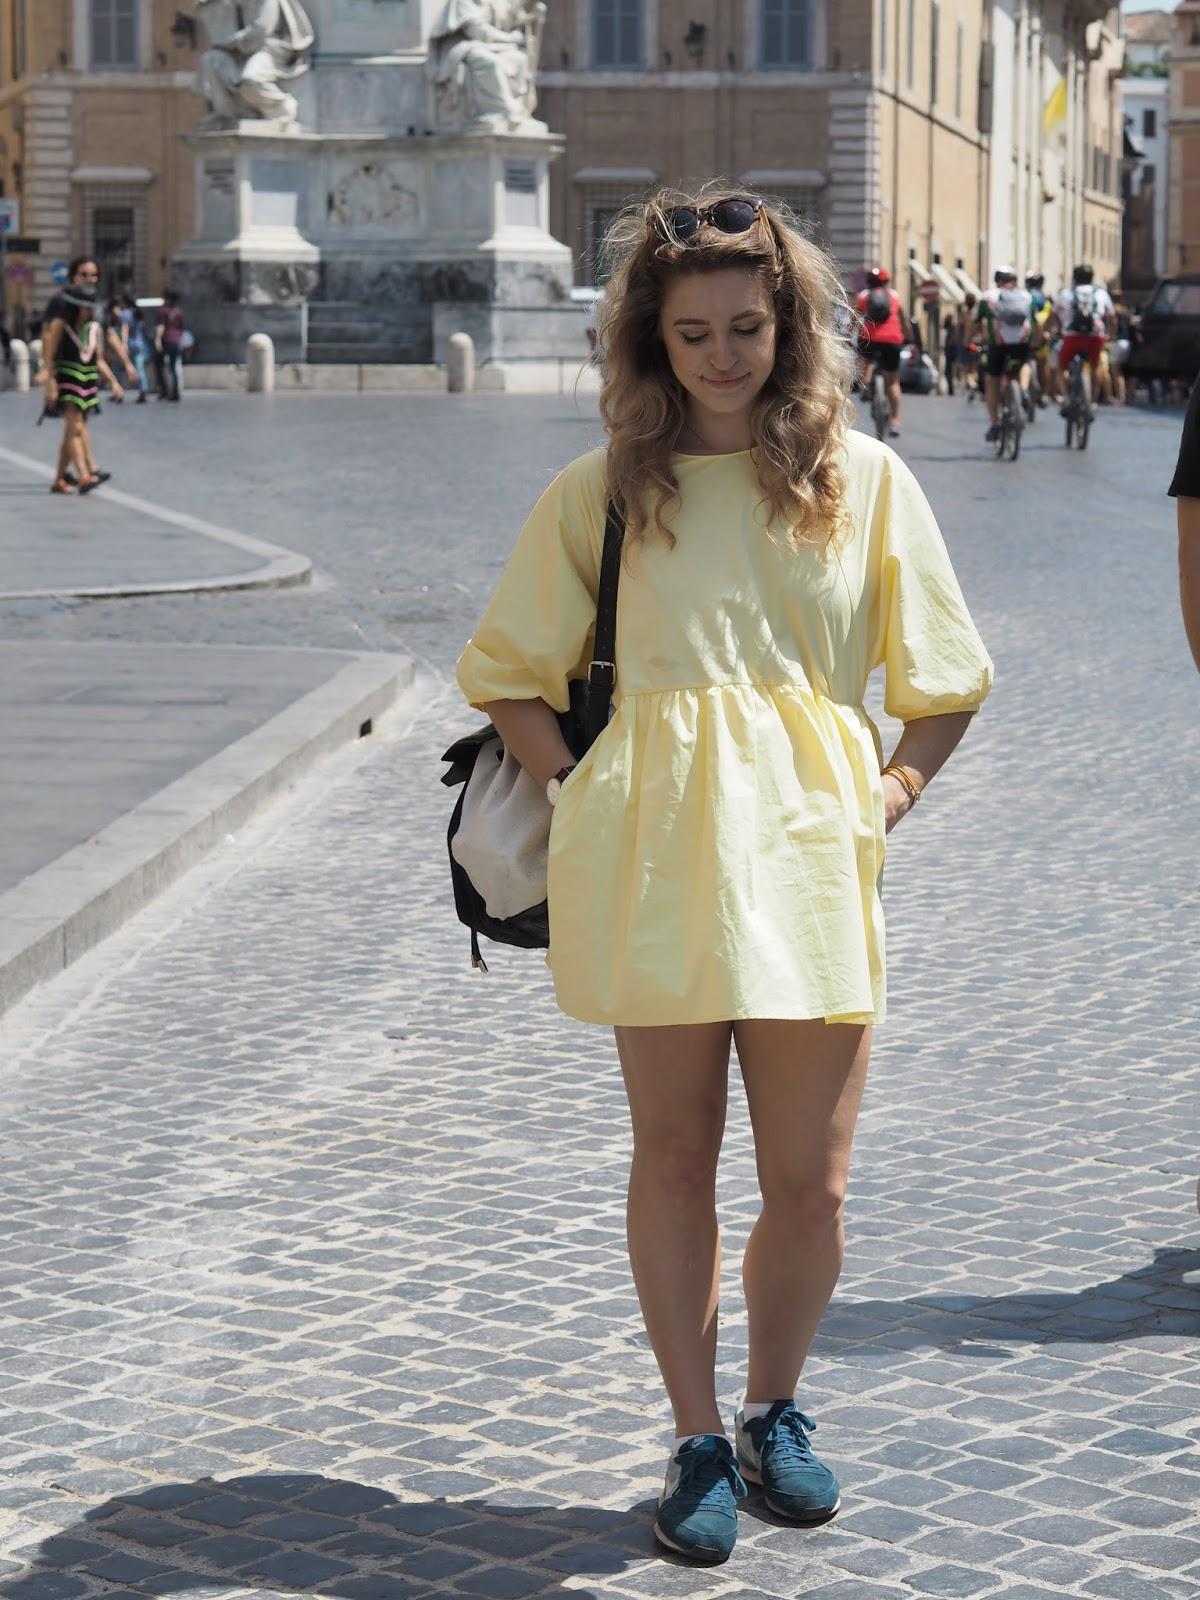 E.K.W. Girl in Rome